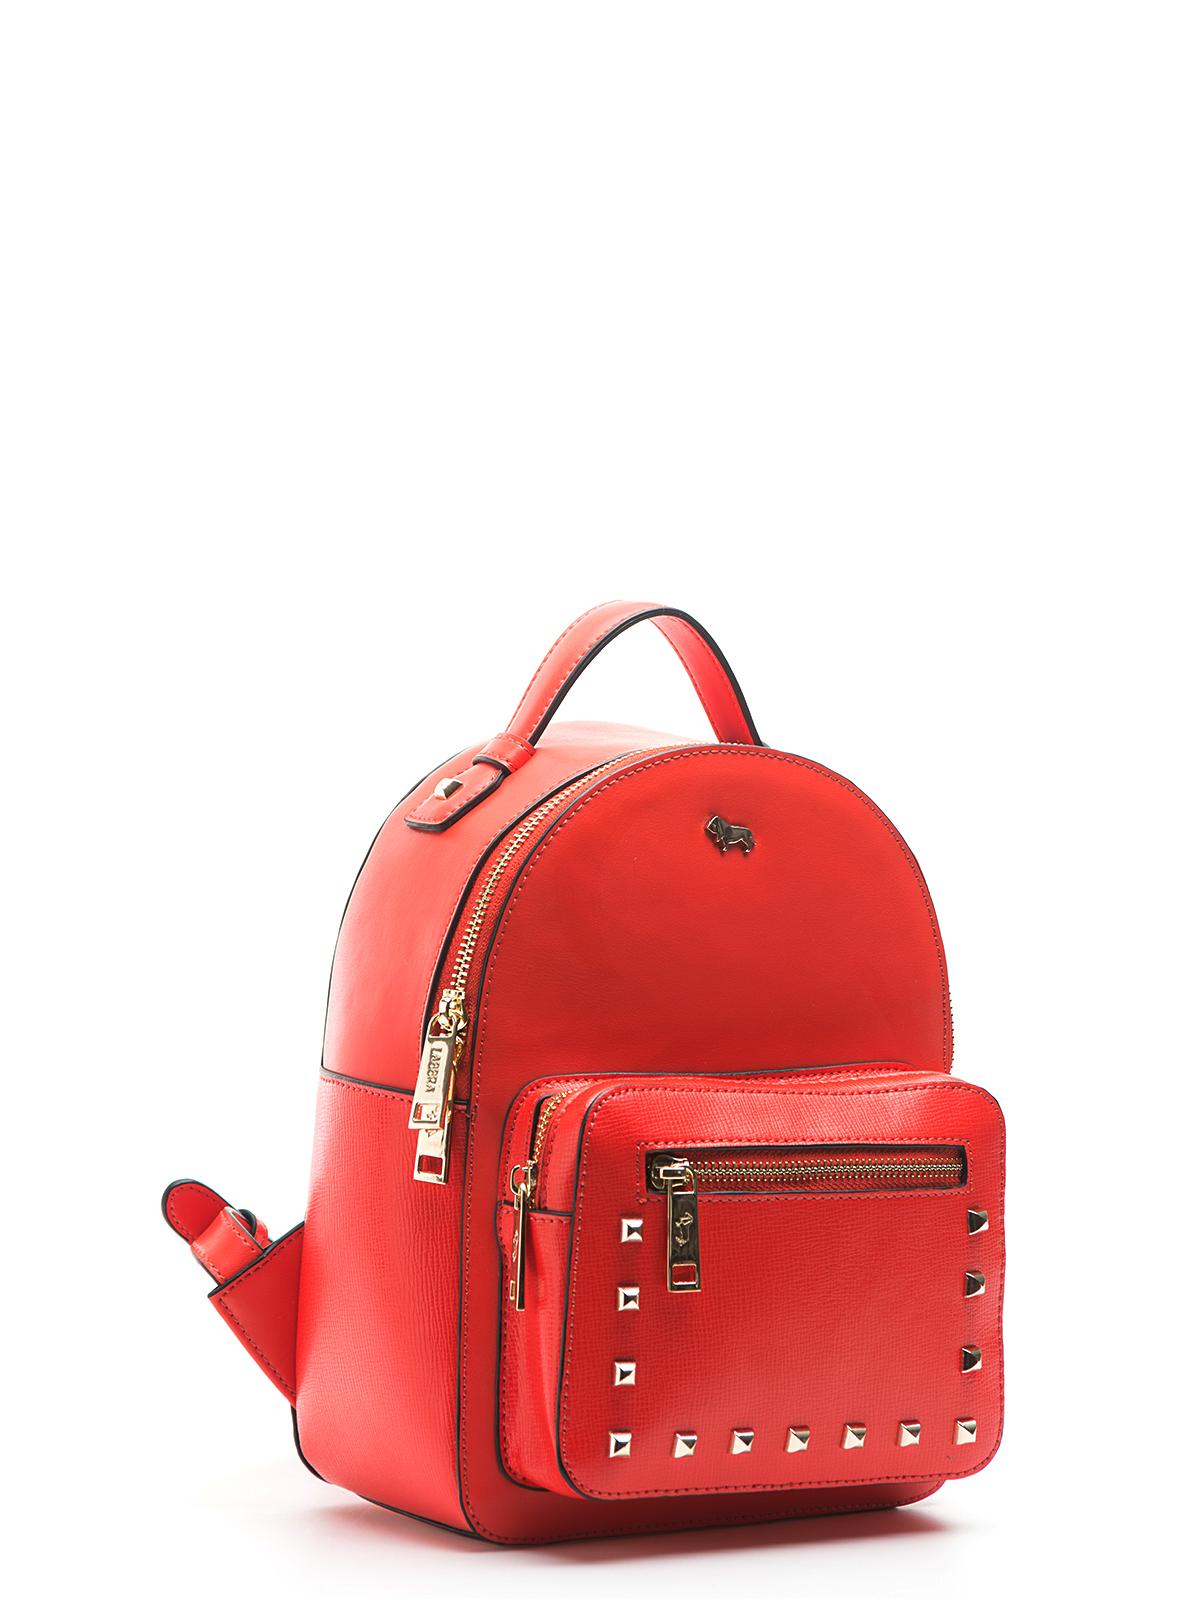 Рюкзак из кожи красного цвета с заклепкамиРюкзак<br><br>Материал верха: Кожа<br>Материал подкладки: Кожа<br>Цвет: Красный<br>Размер: 19х11х25<br>Дизайн: Италия<br>Страна производства: Китай<br><br>Материал верха: Кожа<br>Материал подкладки: Кожа<br>Цвет: Красный<br>Пол: Женский<br>Размер: Без размера